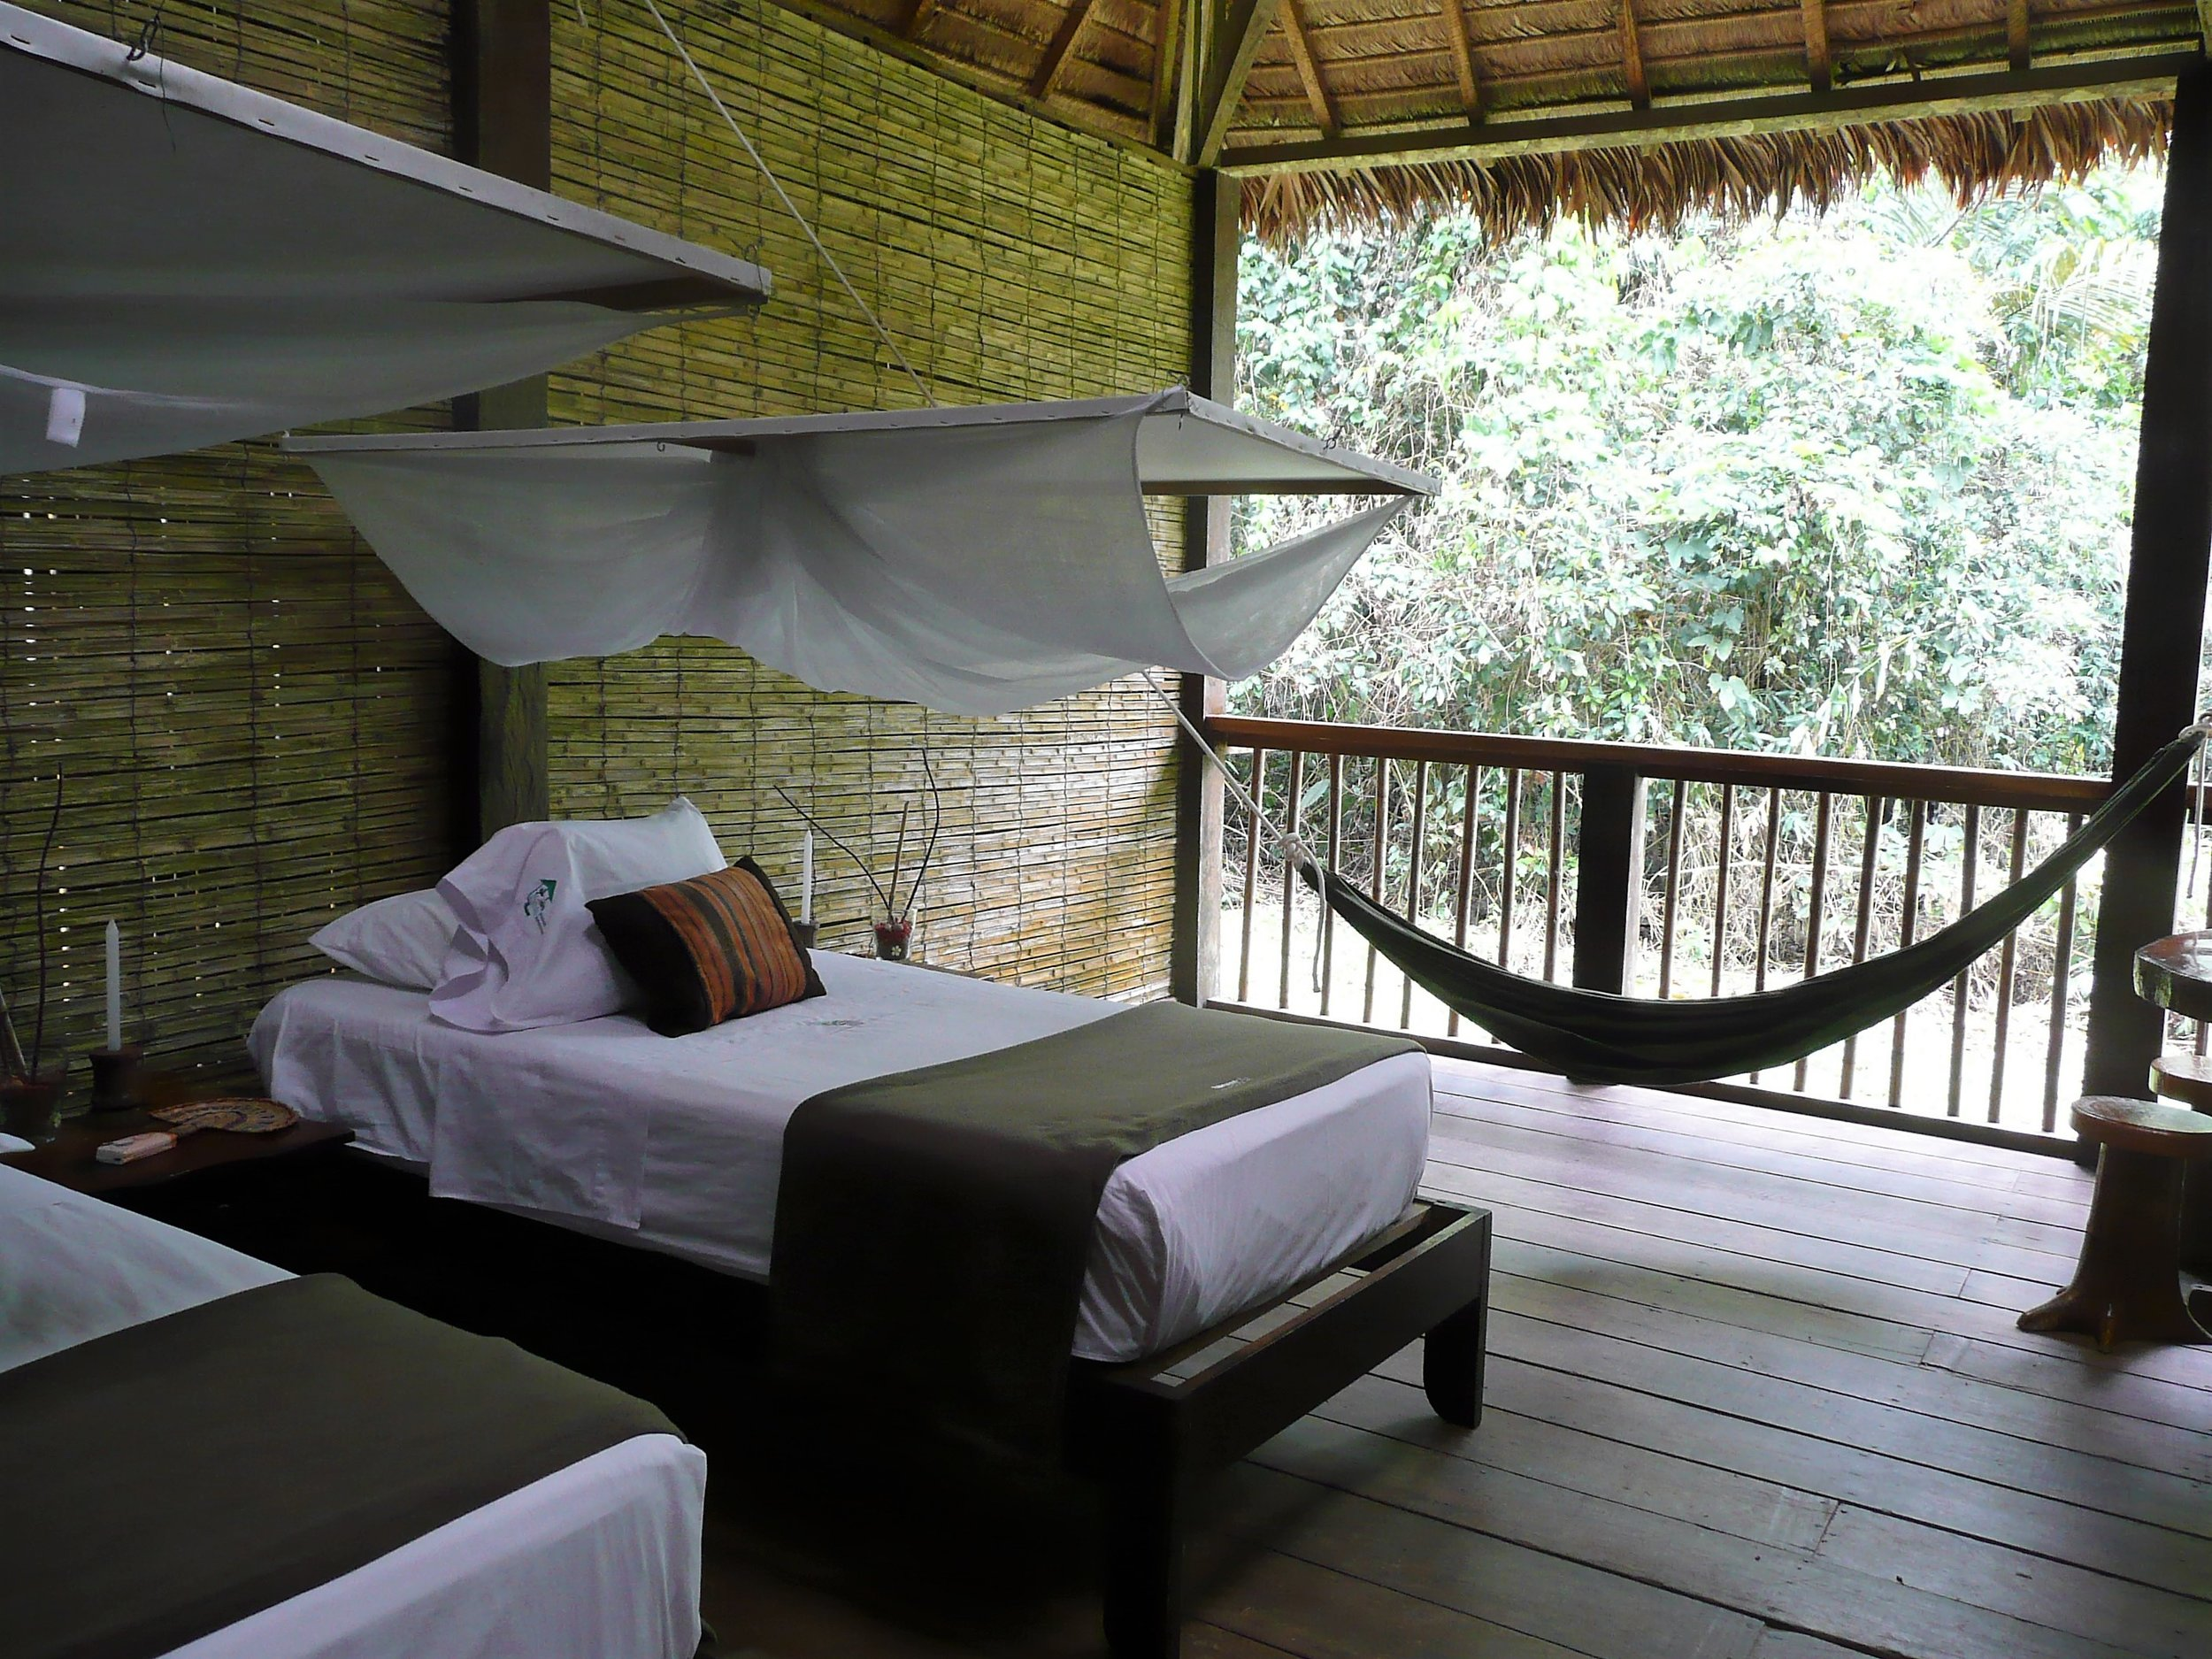 Our eco-tourism cabin in Puerto Maldonado, Peru